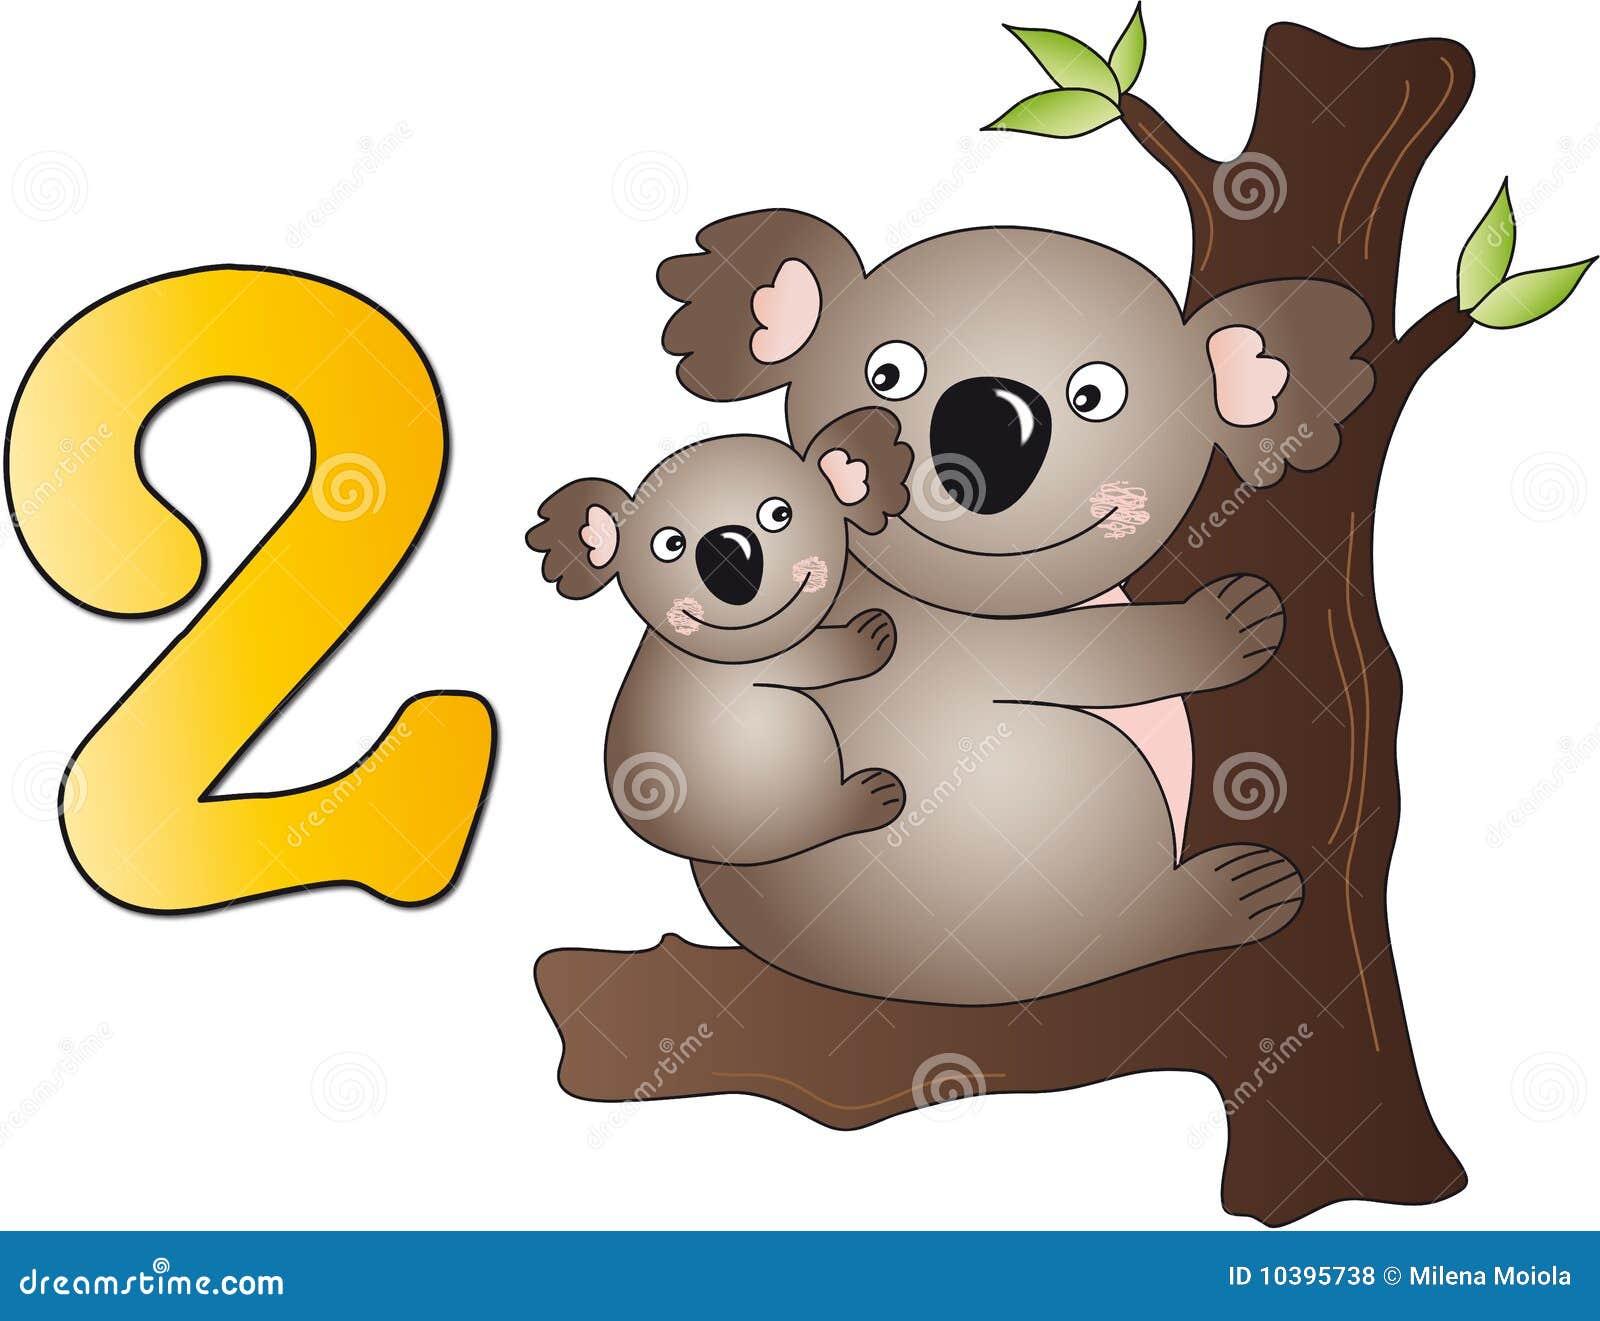 Numeri: due